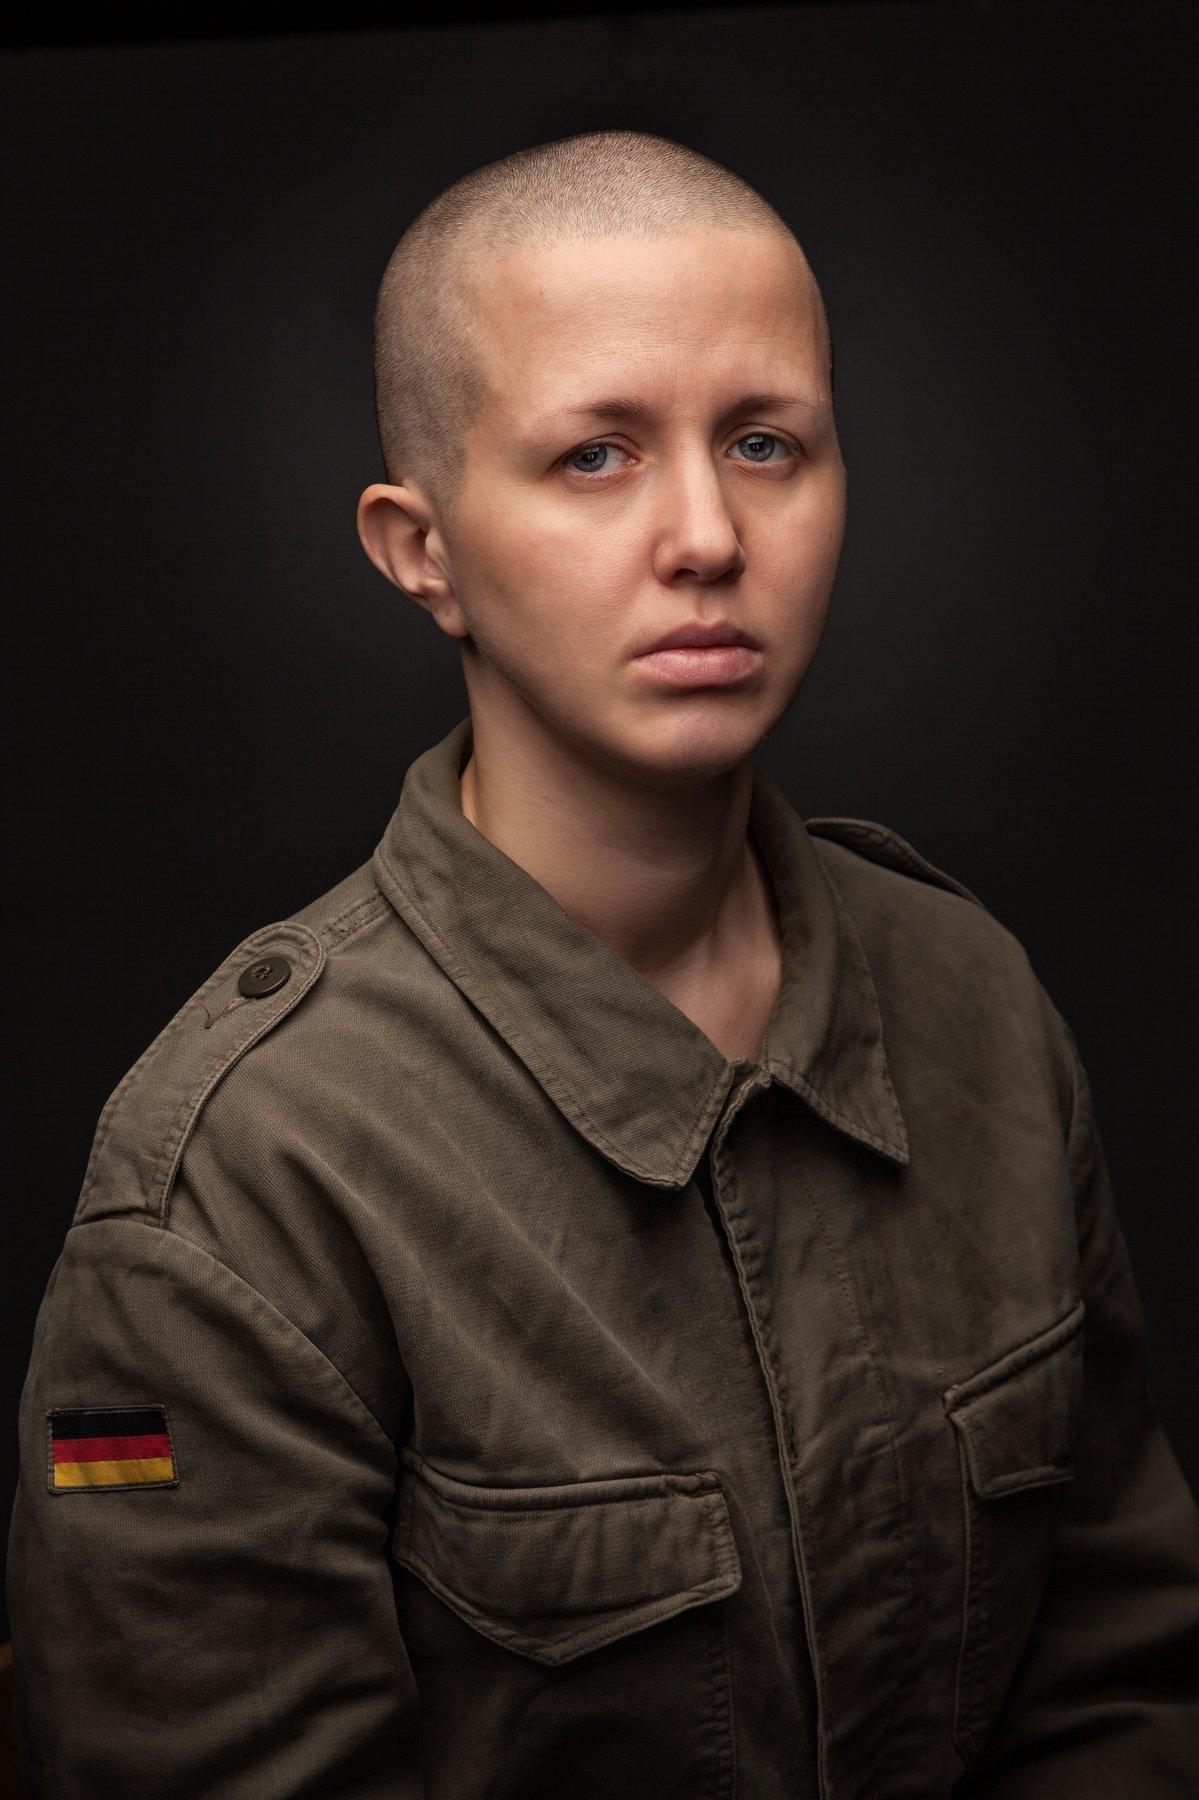 солдат лысый портрет девушка, Шипов Олег